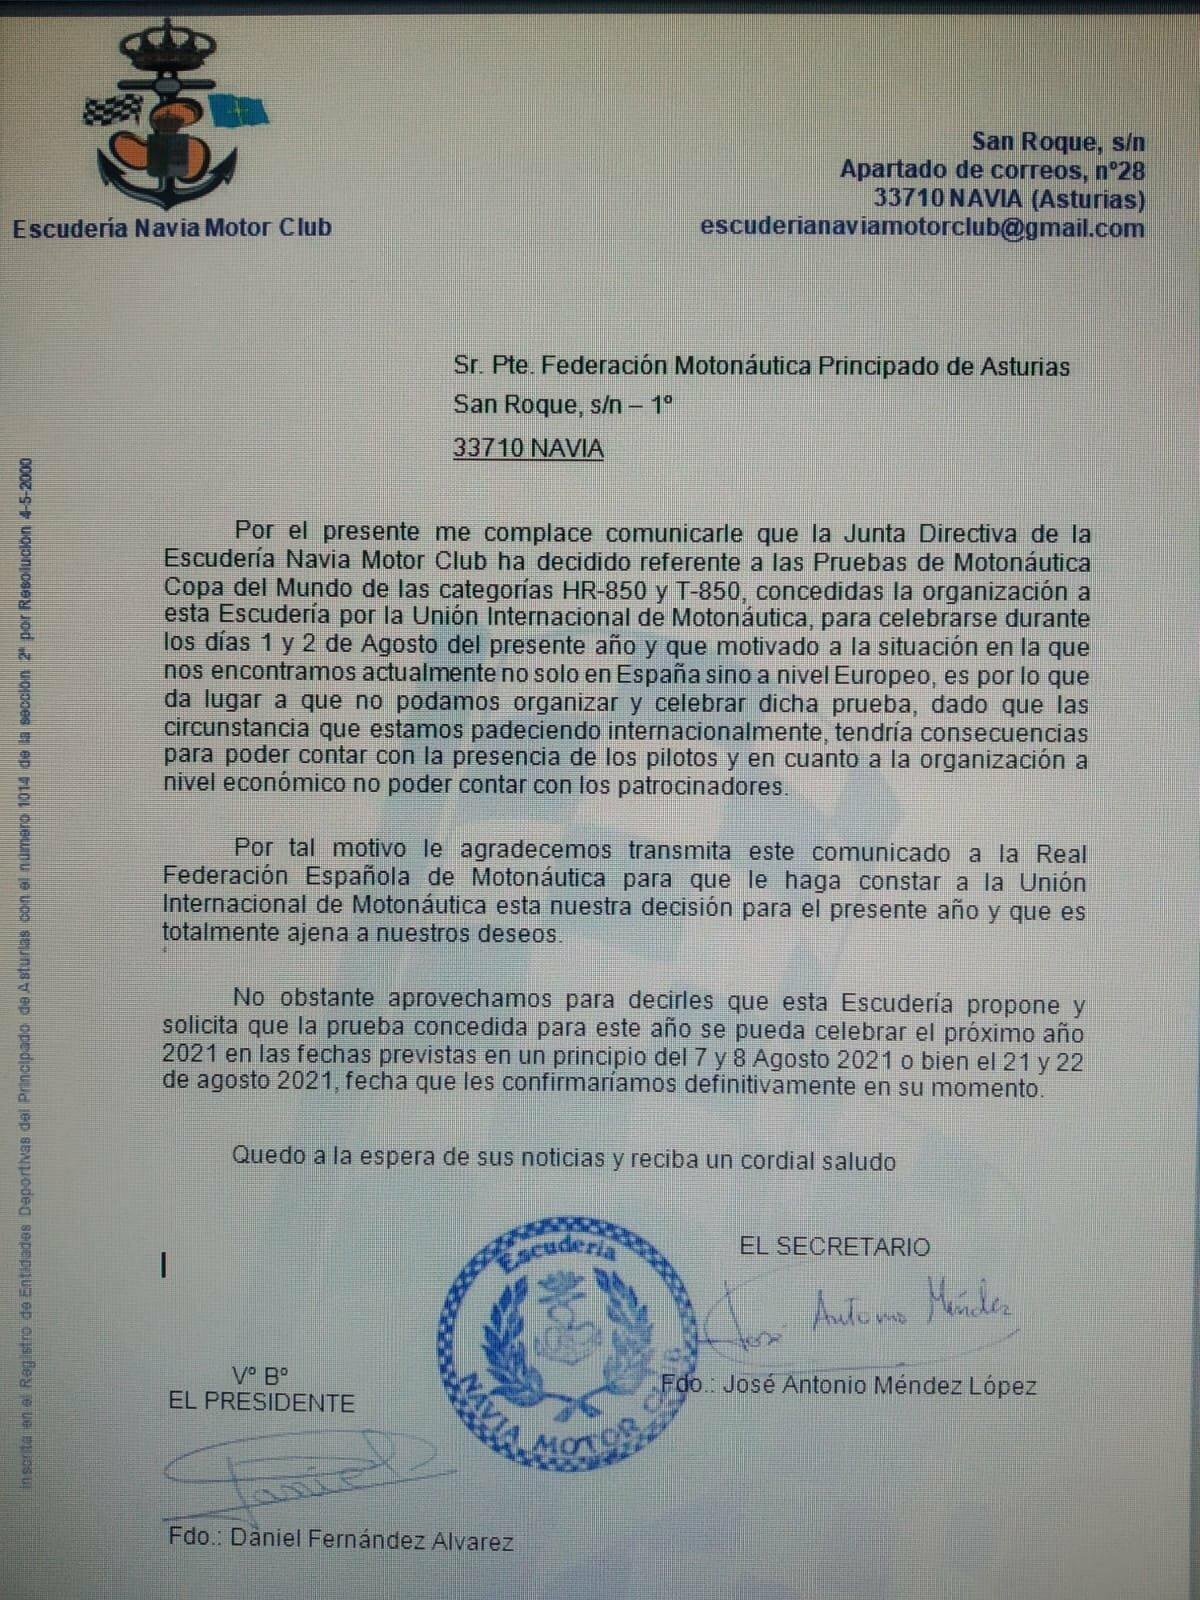 """Román Fernández: """"Decisión triste de anular este año la motonáutica pero creemos que acertada por la salud de todos"""""""